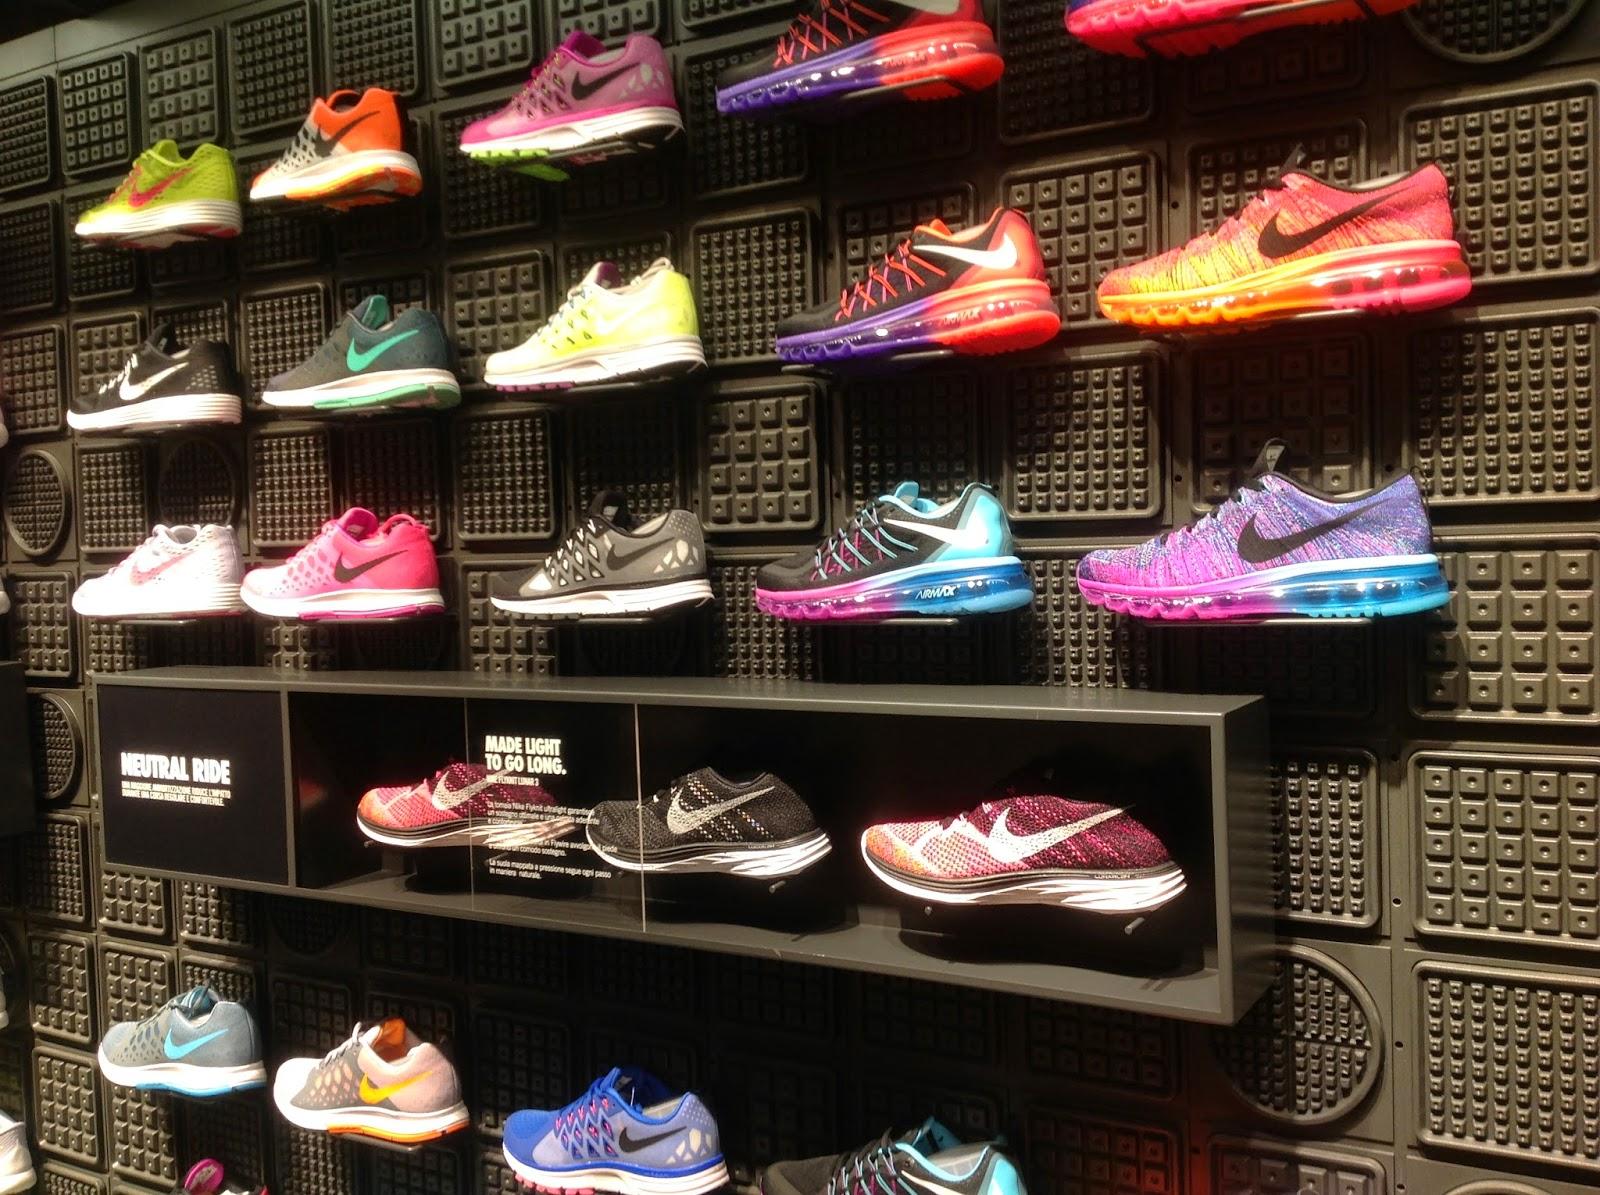 Scarpe Nike Negozi 4x14sx Torino Via 453LjAR